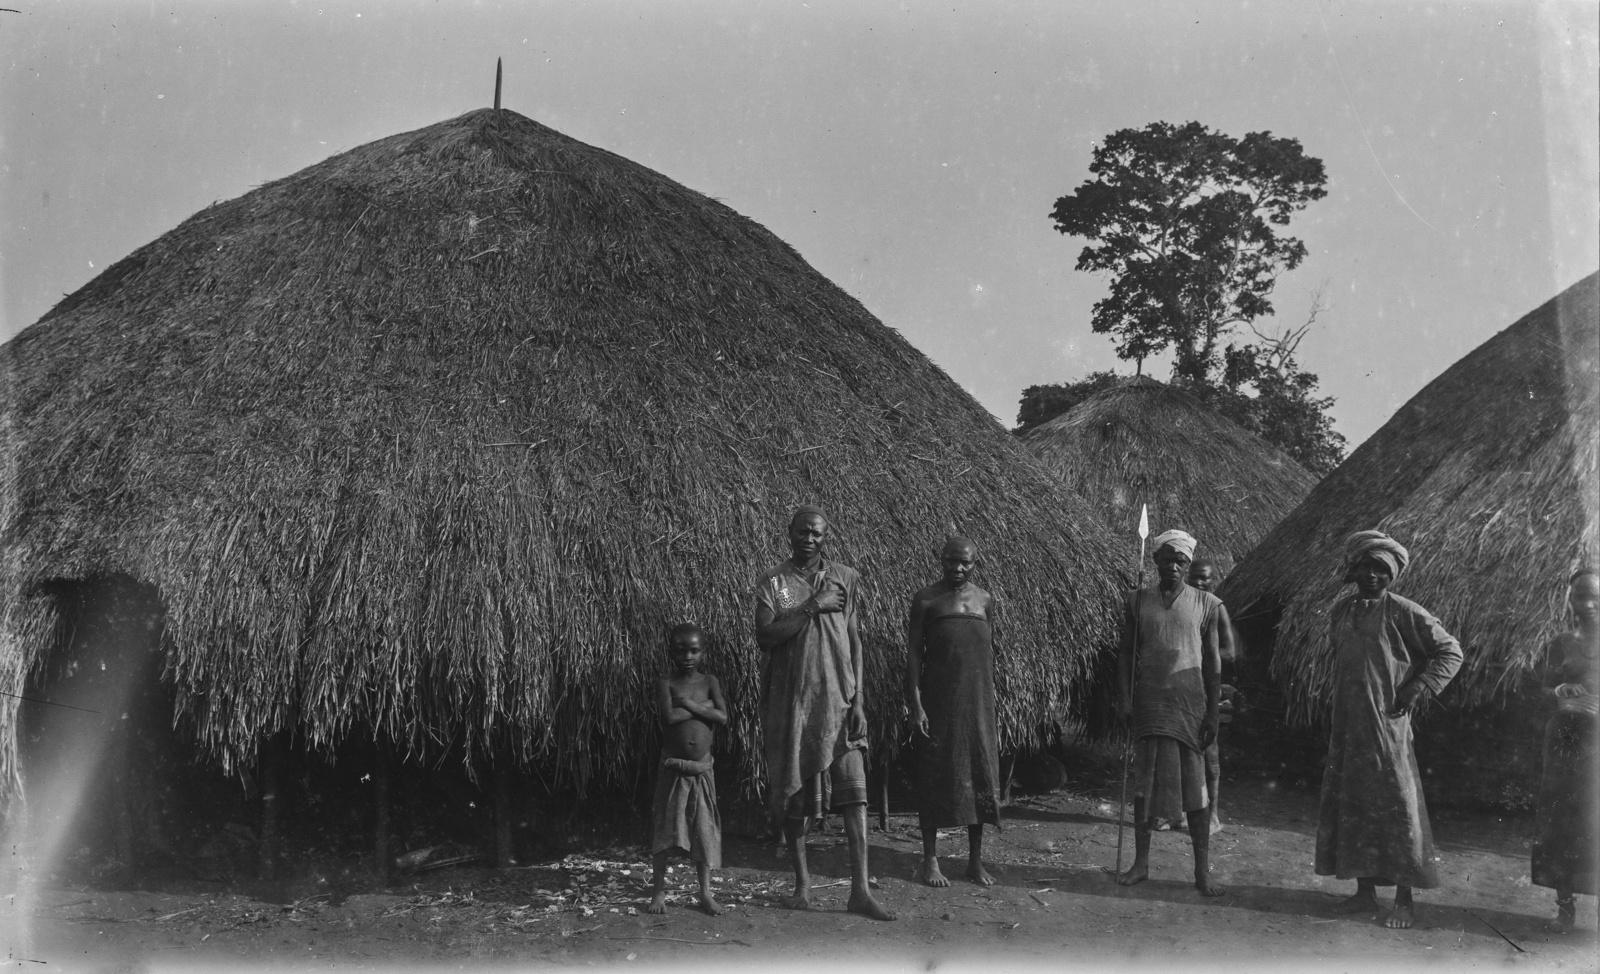 28. Поселение Корогве. Аборигены перед соломенными хижинами Германского общества Восточной Африки